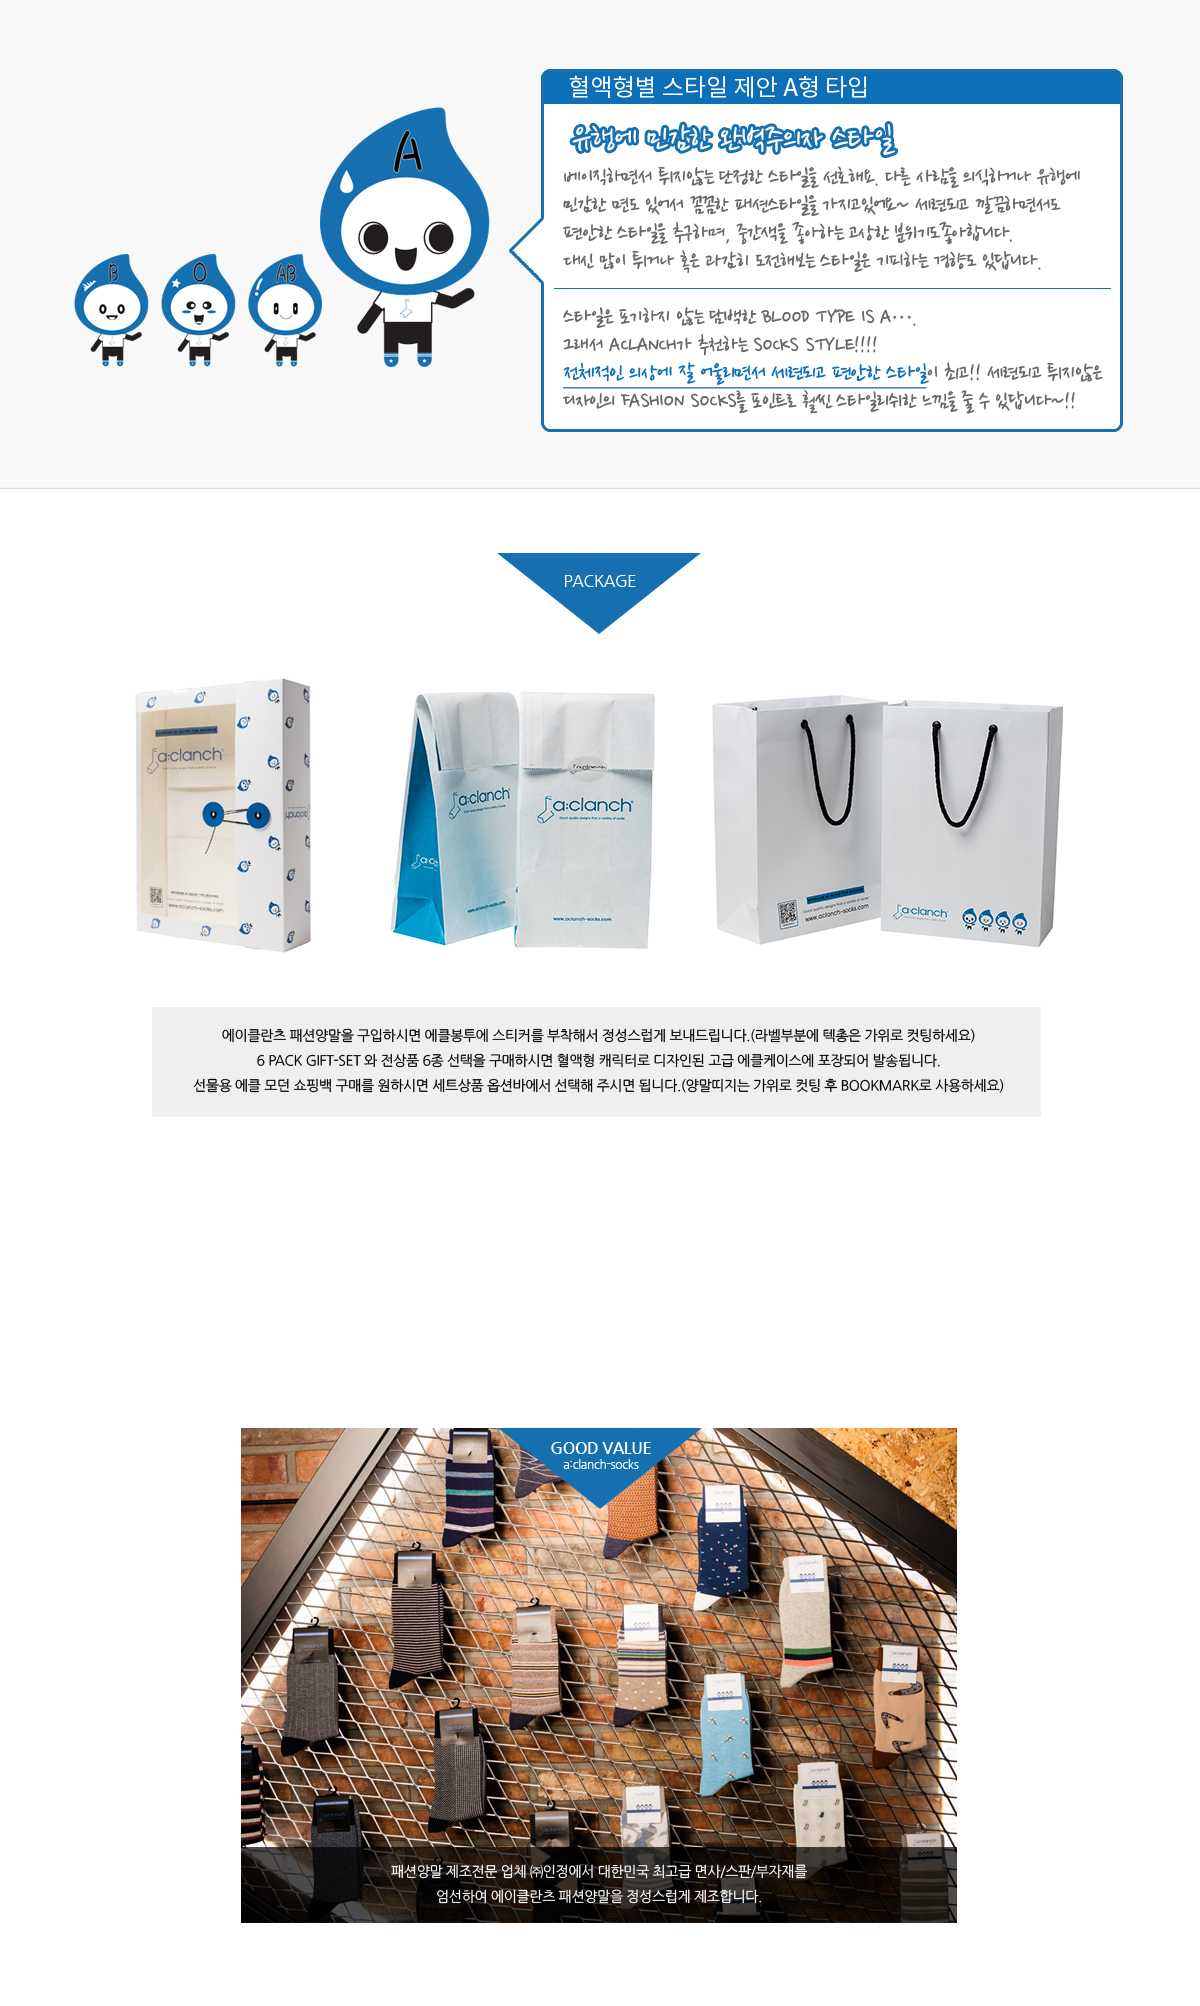 패션양말 코디 바람개비 패션삭스 - 에이클란츠, 1,500원, 남성양말, 패션양말